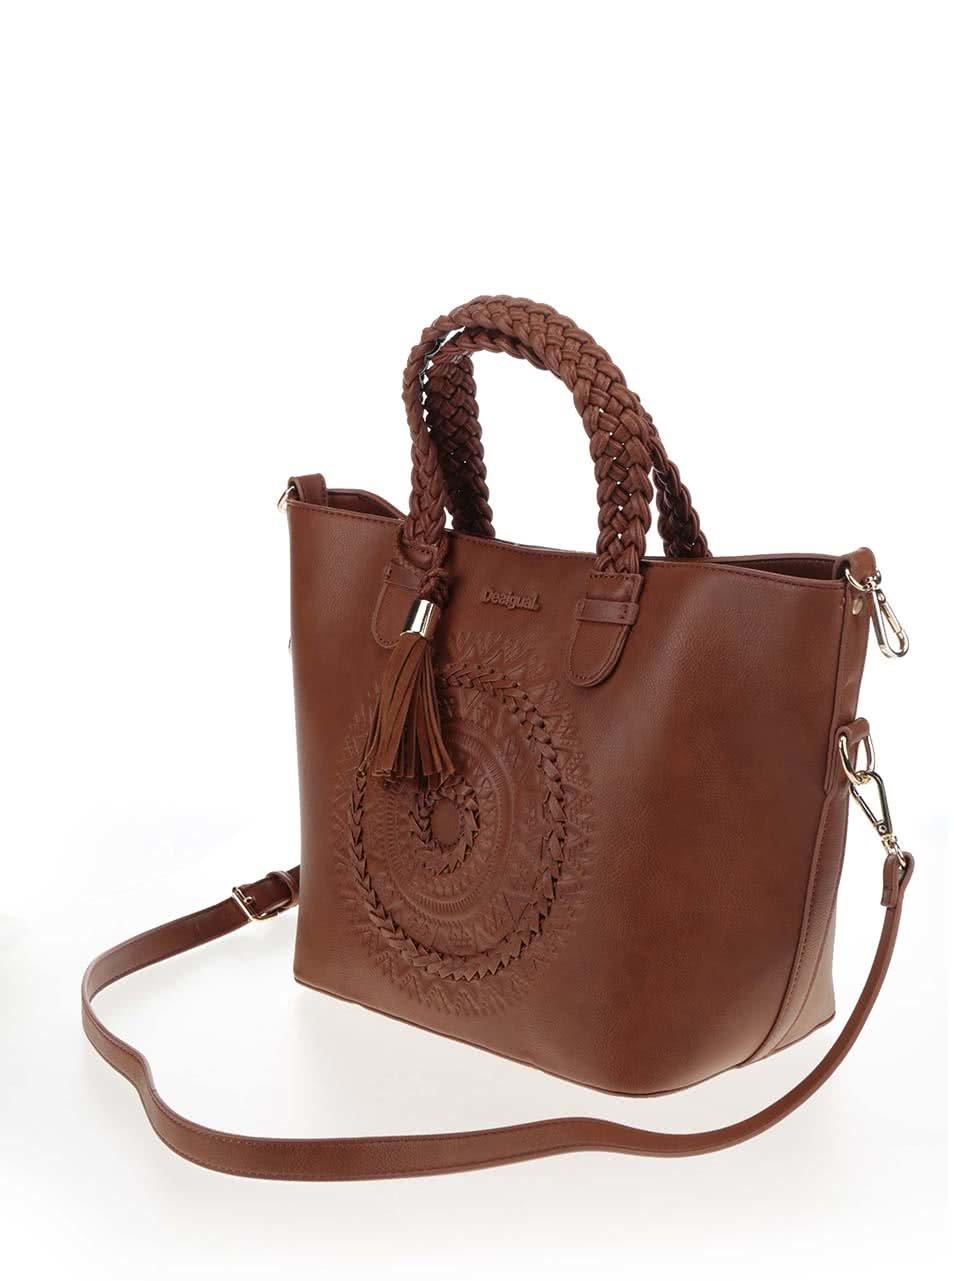 e6b5736d94 Hnedá kabelka s puzdrom a strapcom Desigual Florida Patricia ...